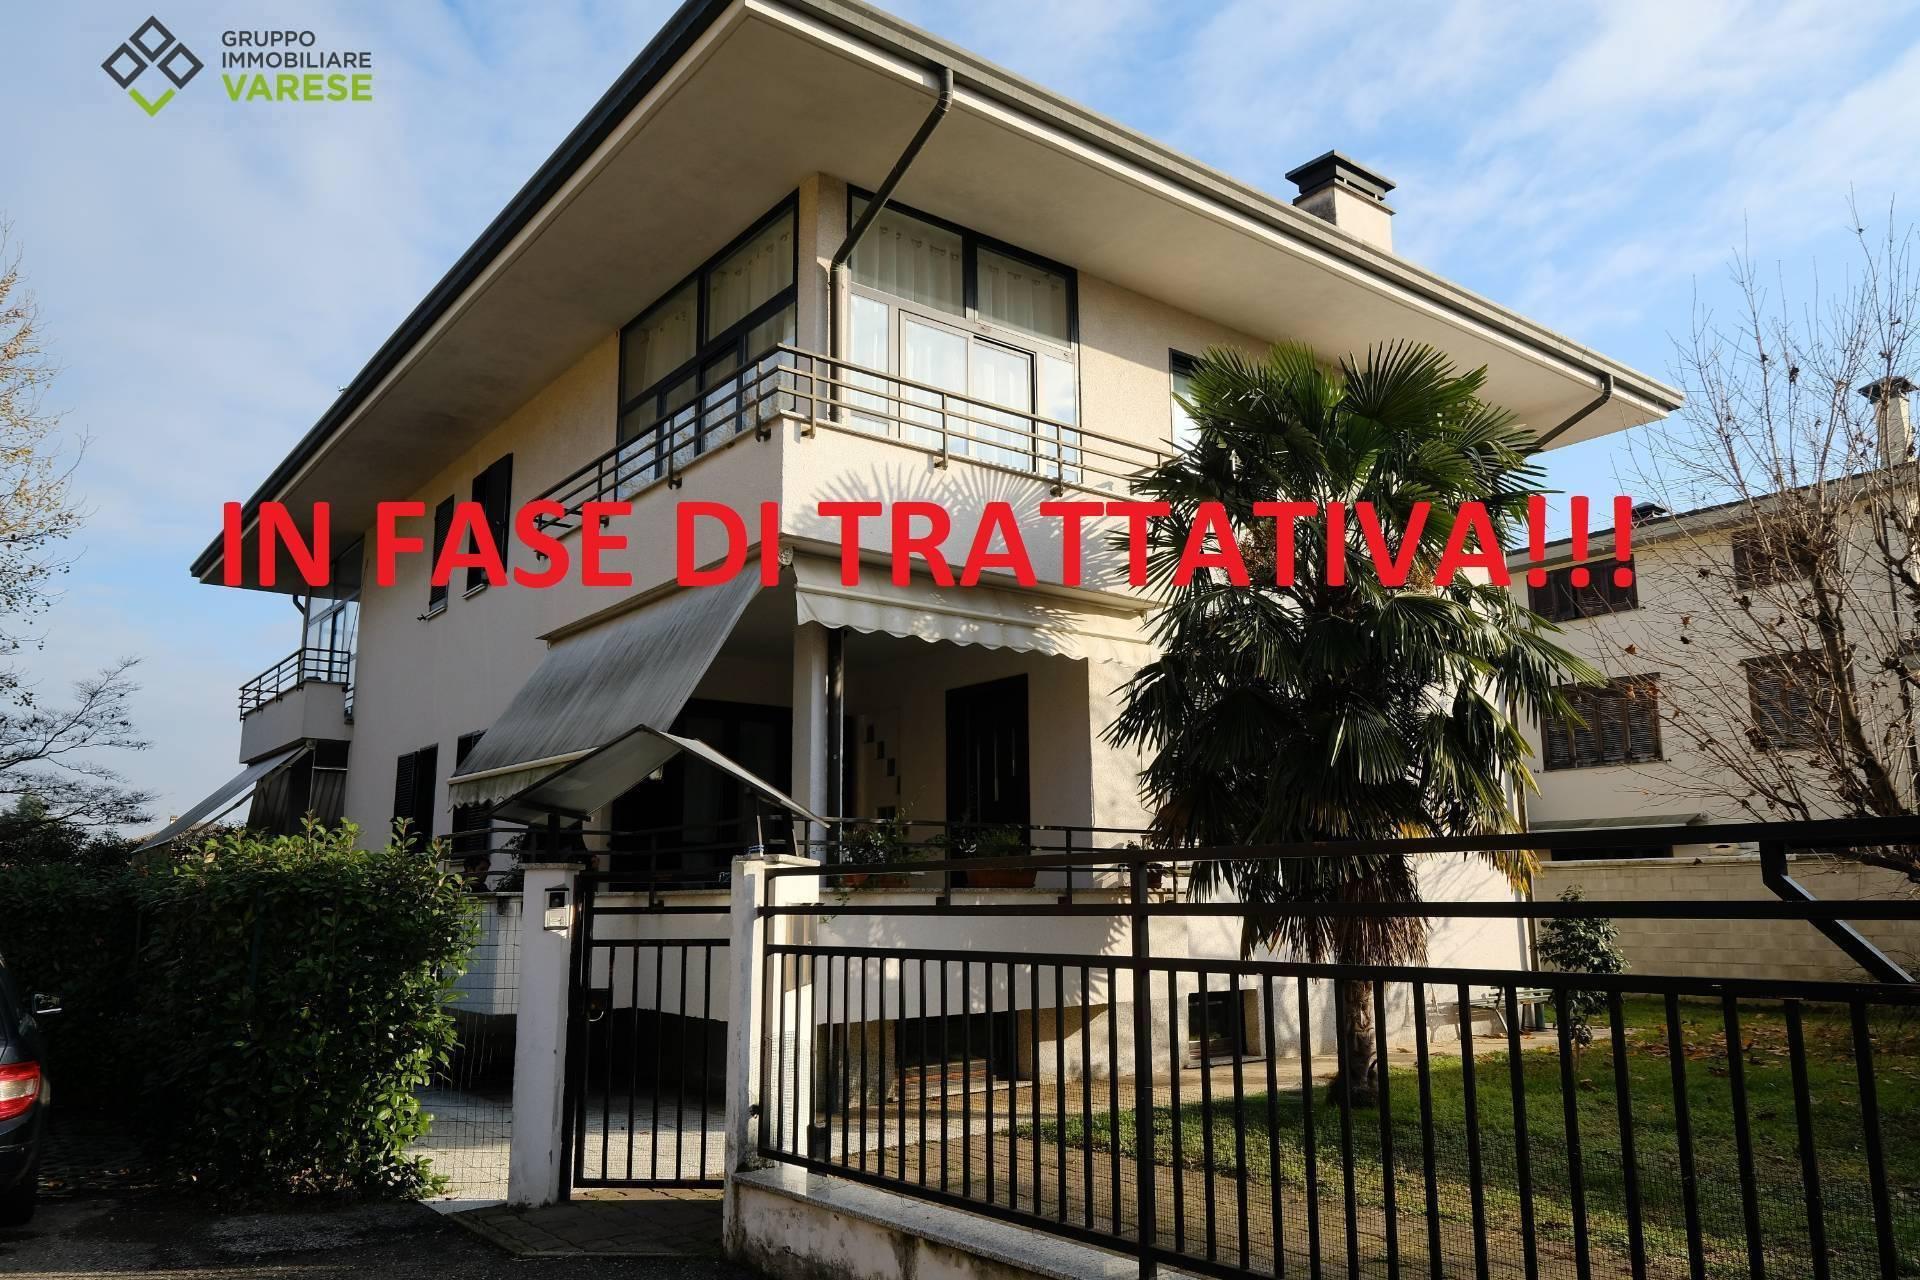 Villa Bifamiliare in vendita a Olgiate Olona, 5 locali, zona Zona: Gerbone, prezzo € 298.000 | CambioCasa.it